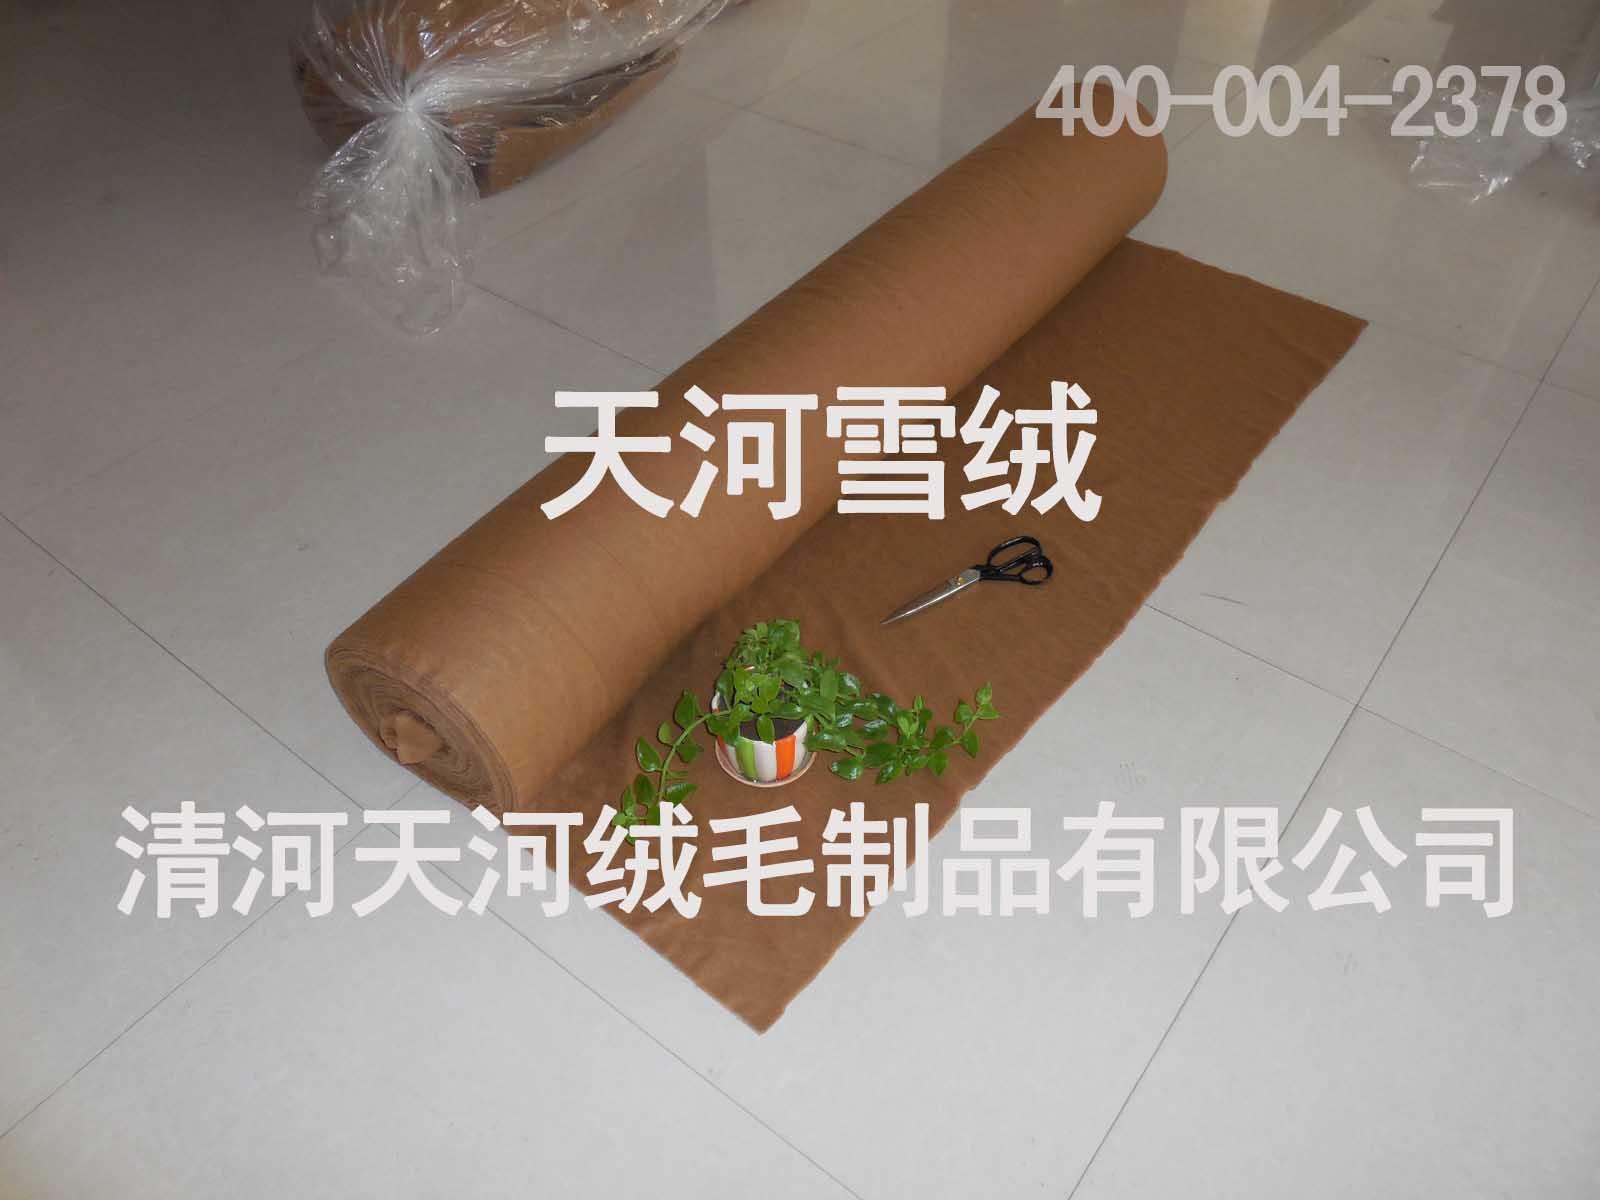 天河雪绒品牌驼绒絮片